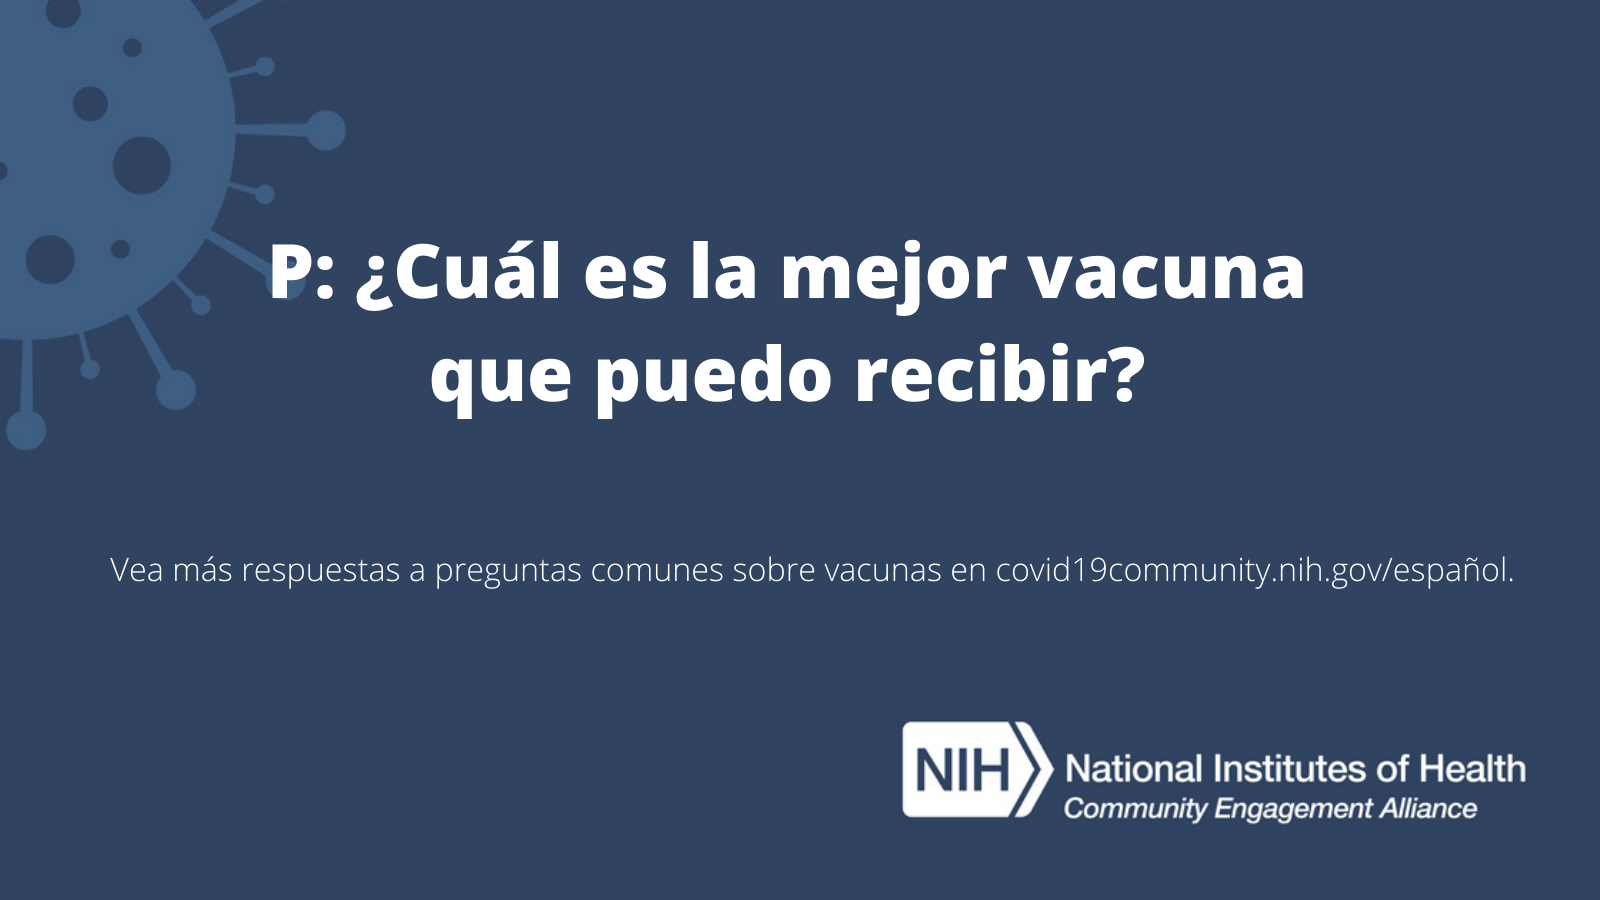 P: ¿Cuál es la mejor vacuna que puedo recibir?